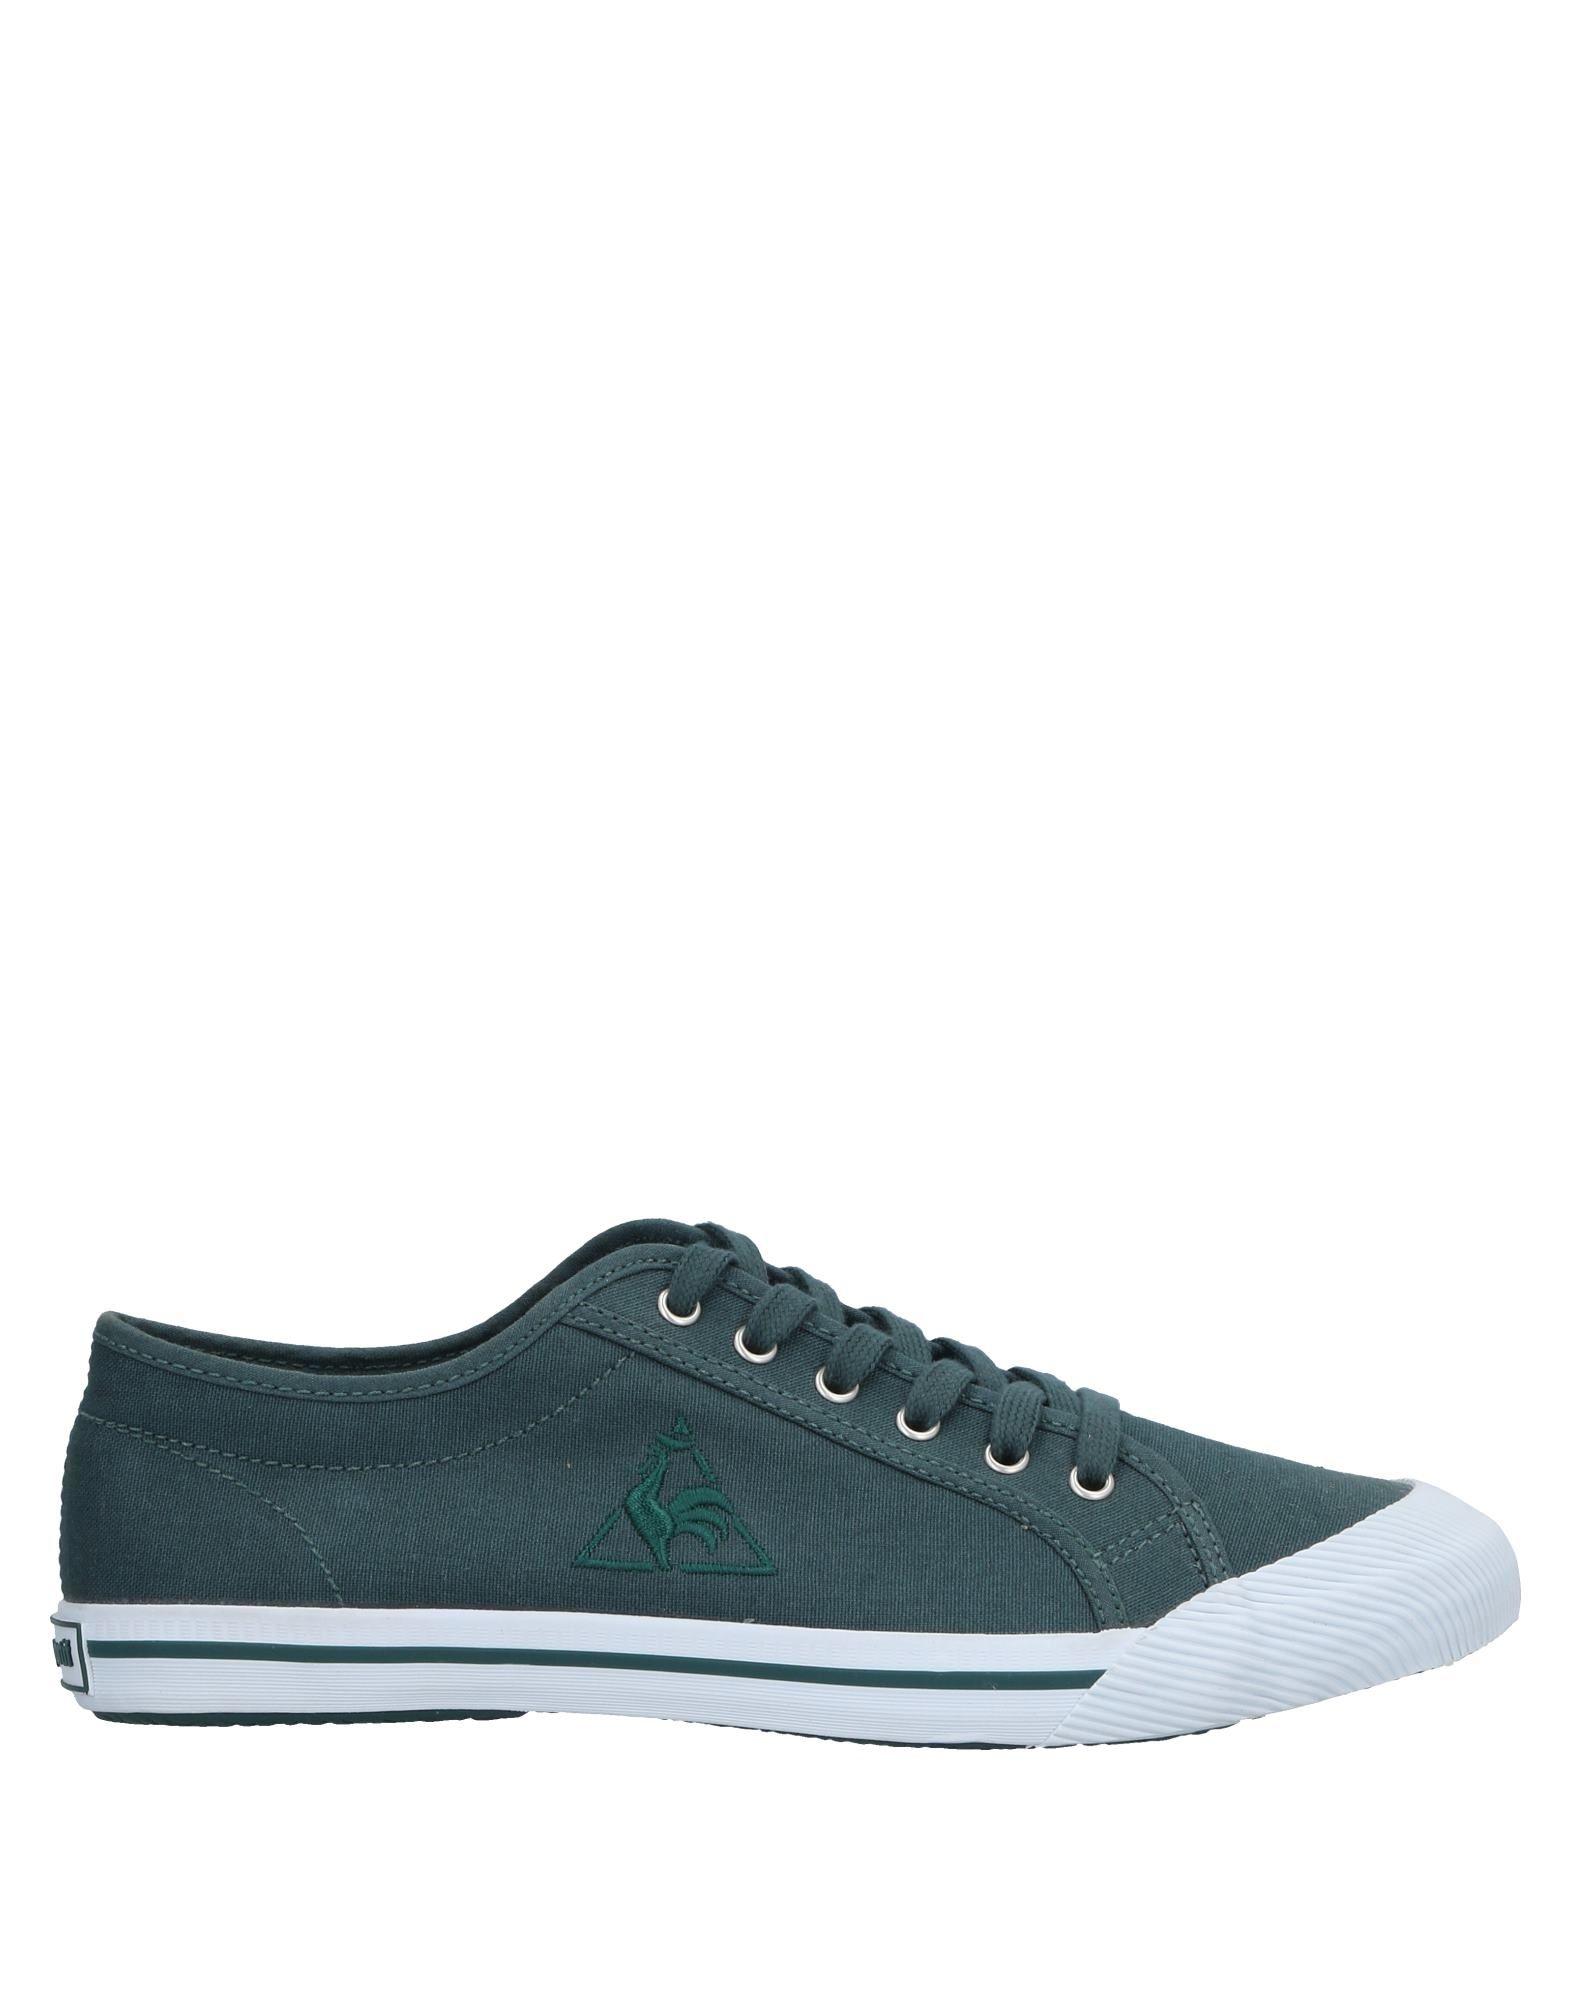 Sneakers Le Coq Sportif Uomo - 11534346AK